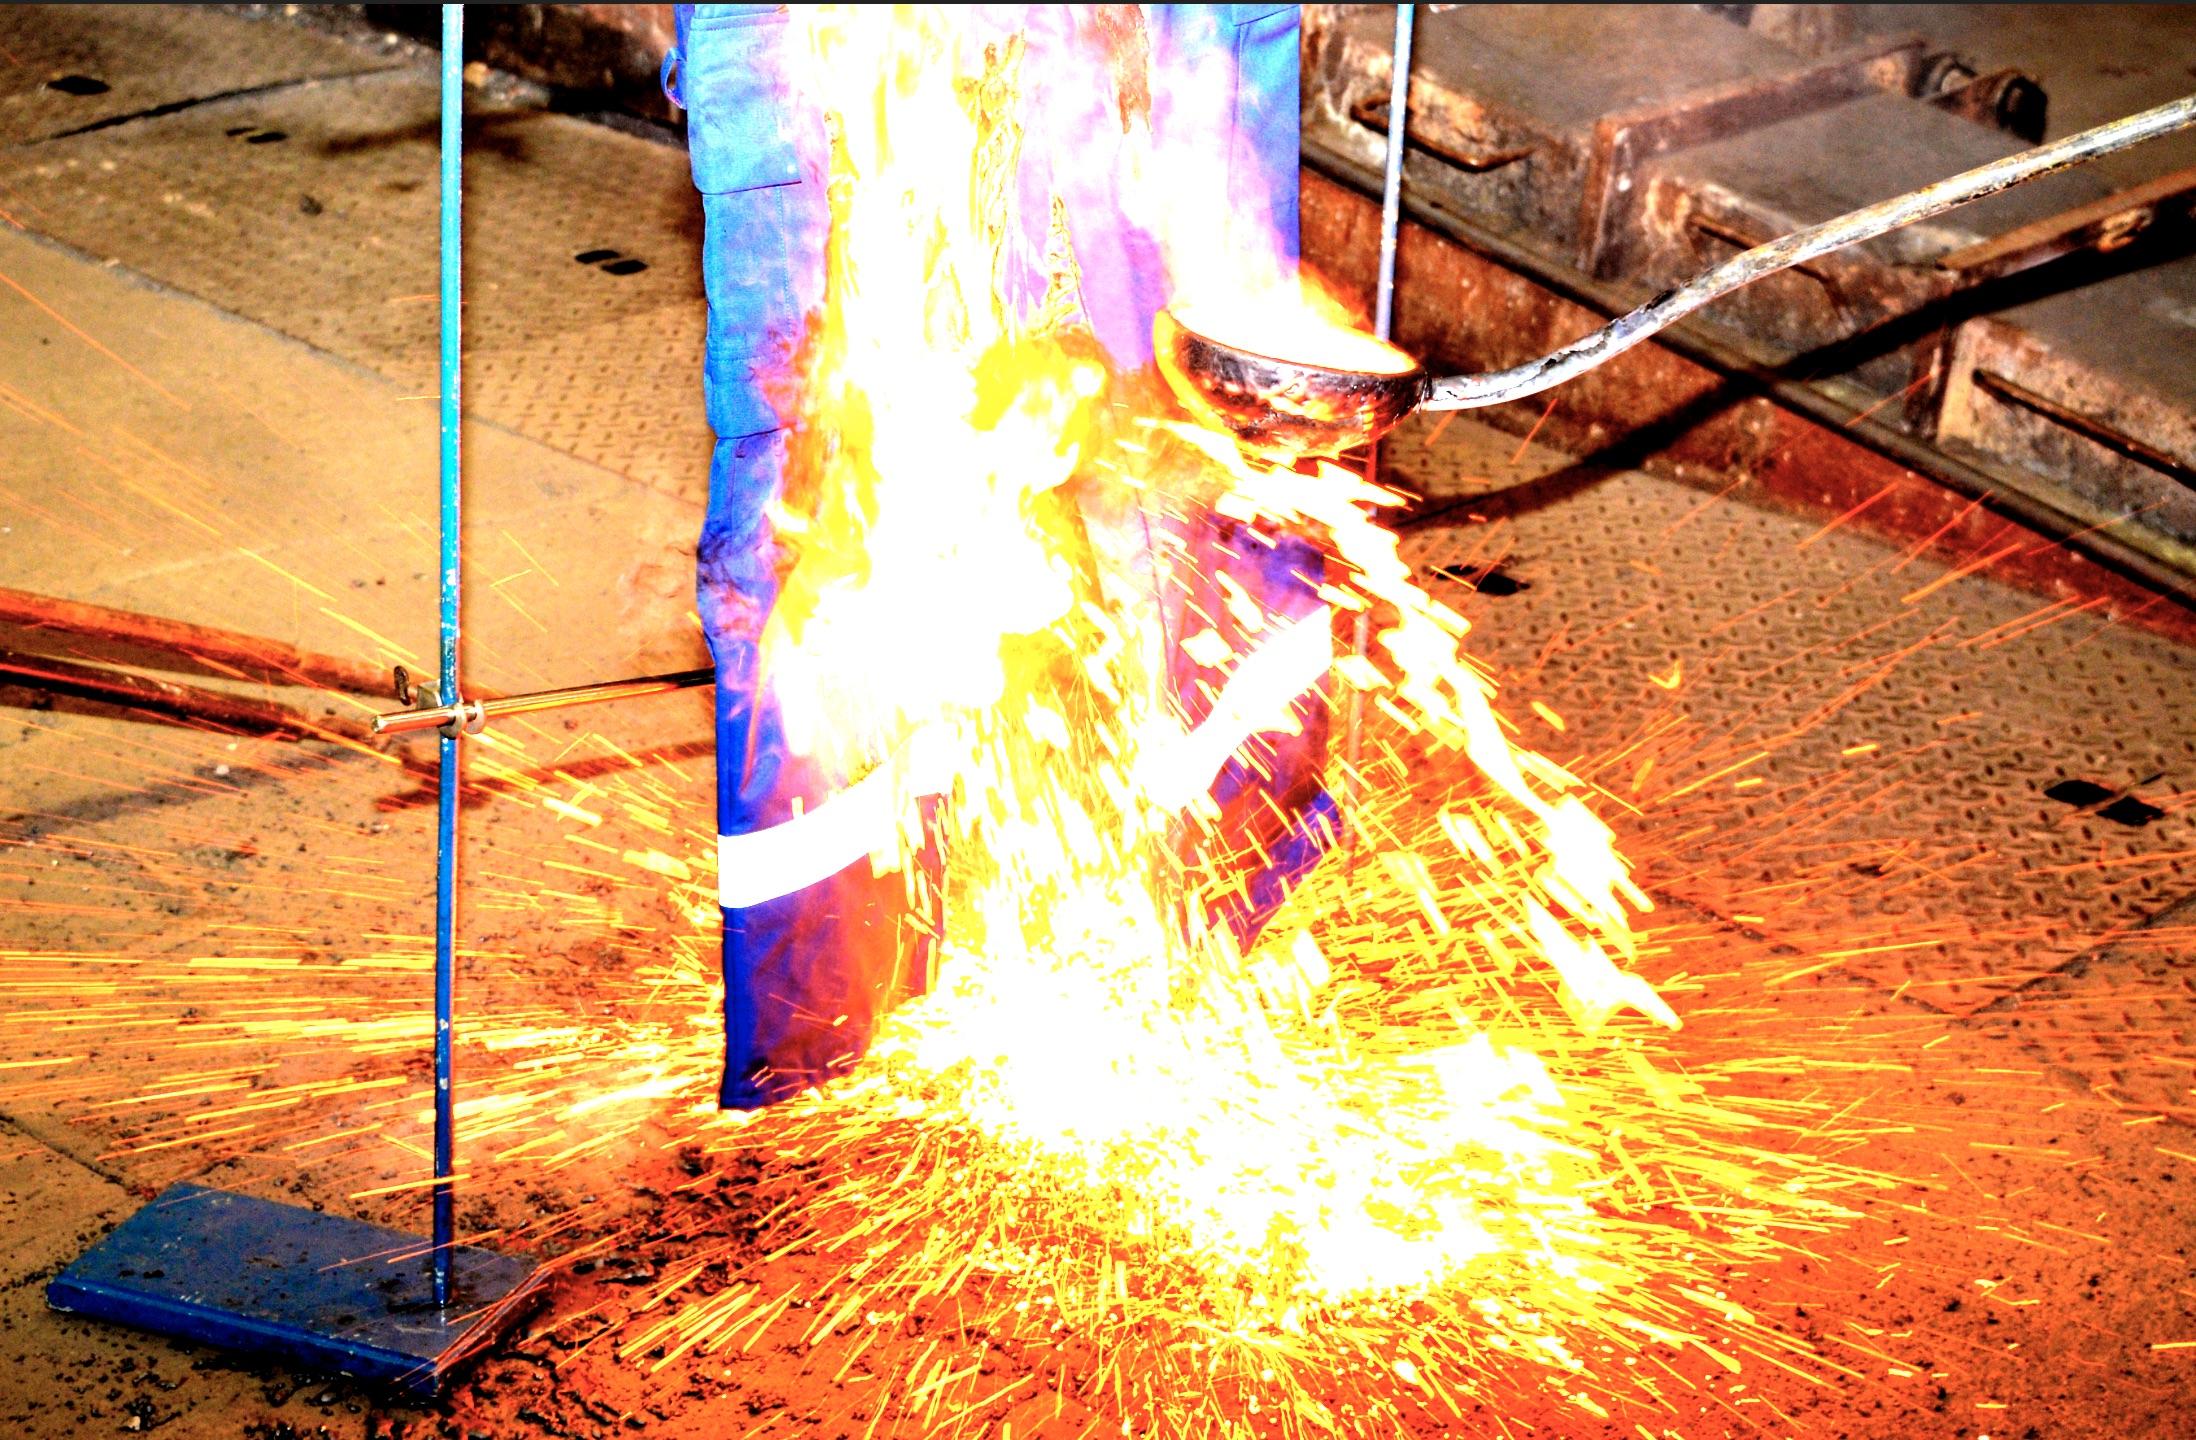 Hitze und Flamme